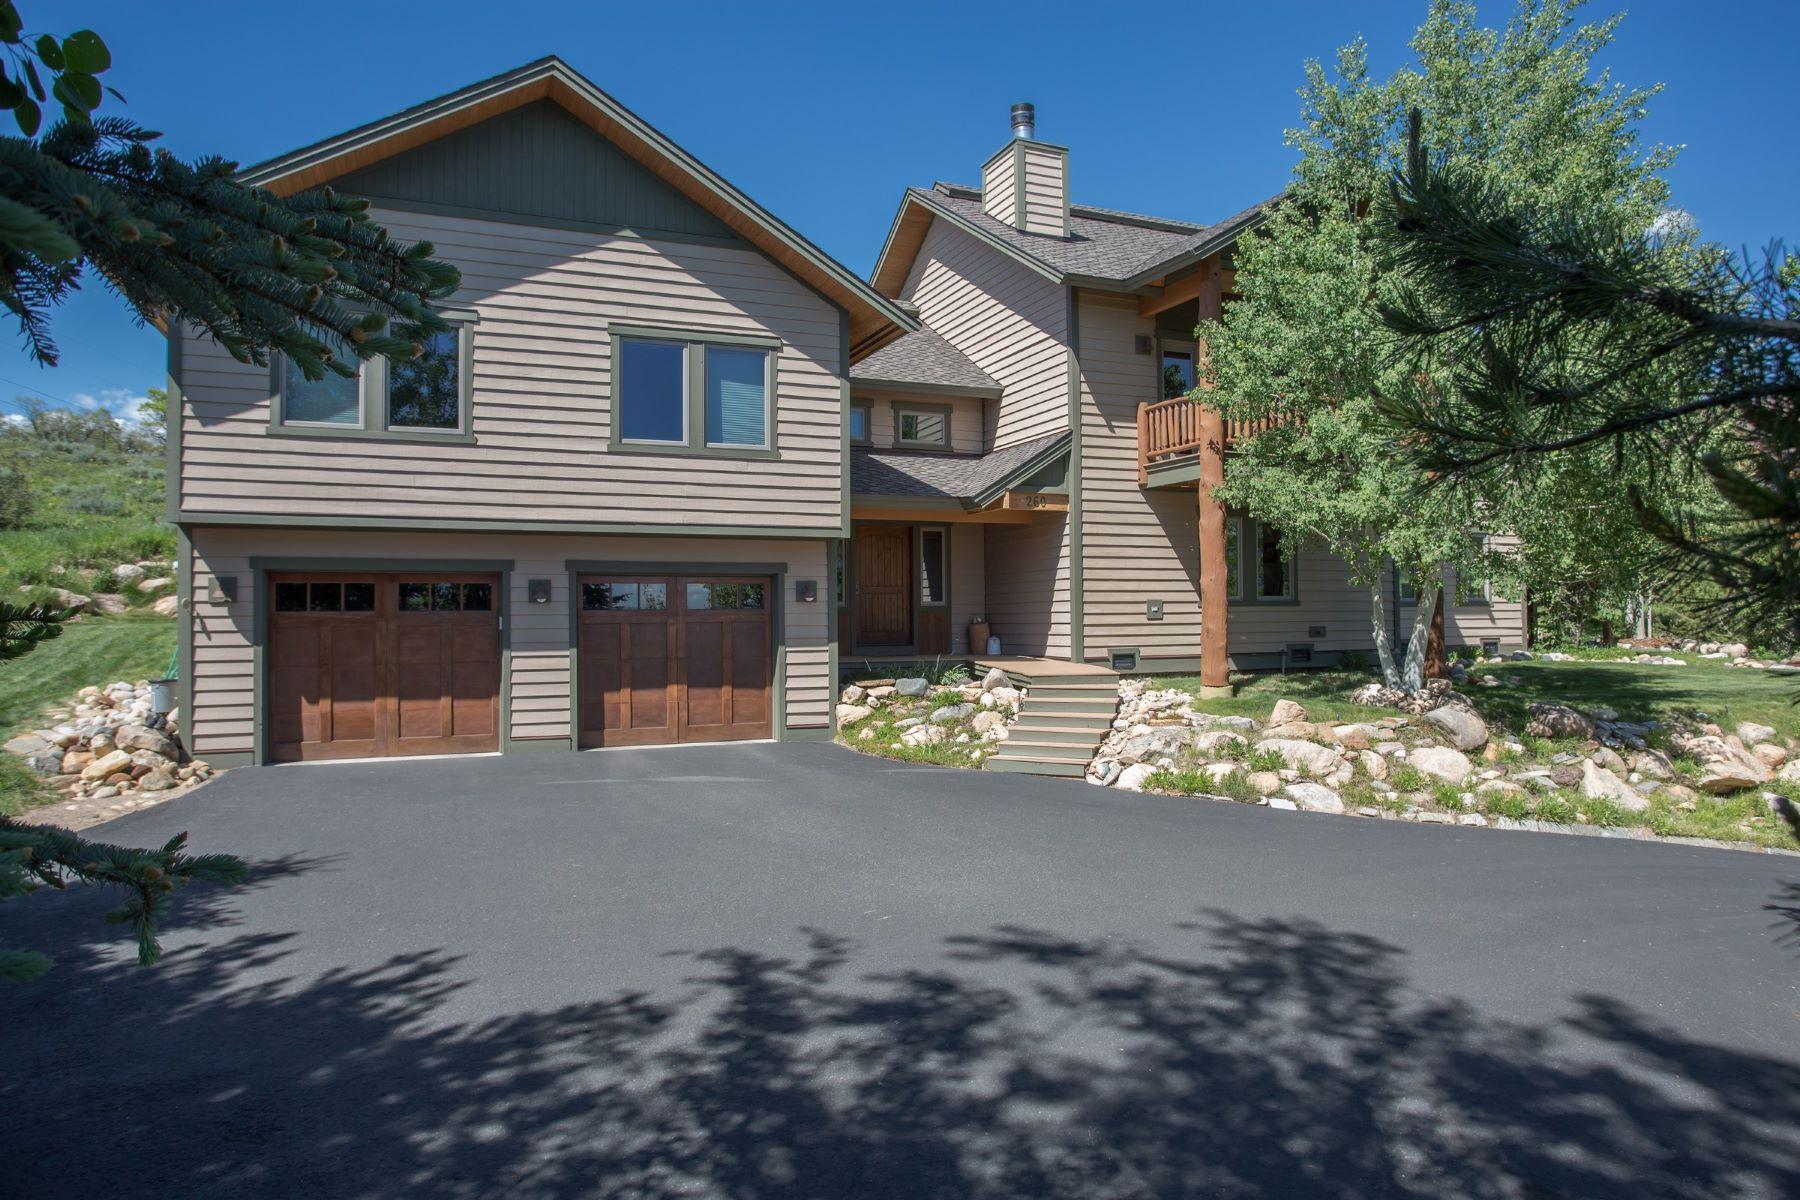 Maison unifamiliale pour l à louer à 5 Bedroom Luxury Home in Fish Creek Falls 260 Storm Peak Ct Steamboat Springs, Colorado, 80487 États-Unis